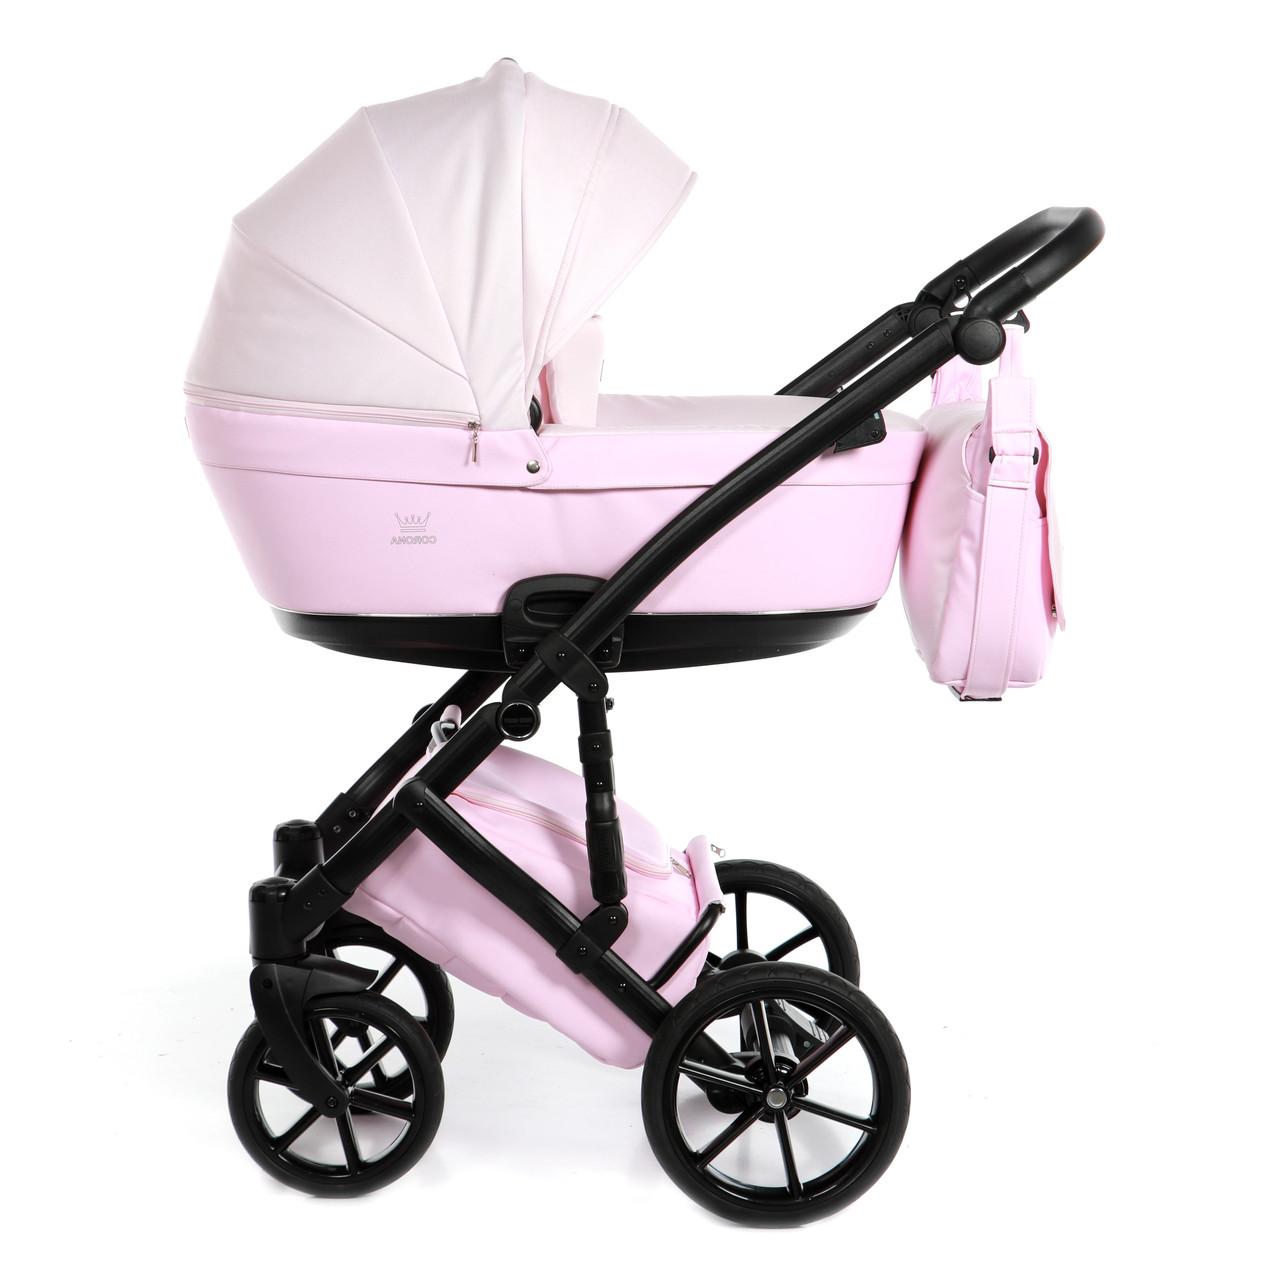 Детская универсальная коляска 2 в 1 Tako Corona Light 05